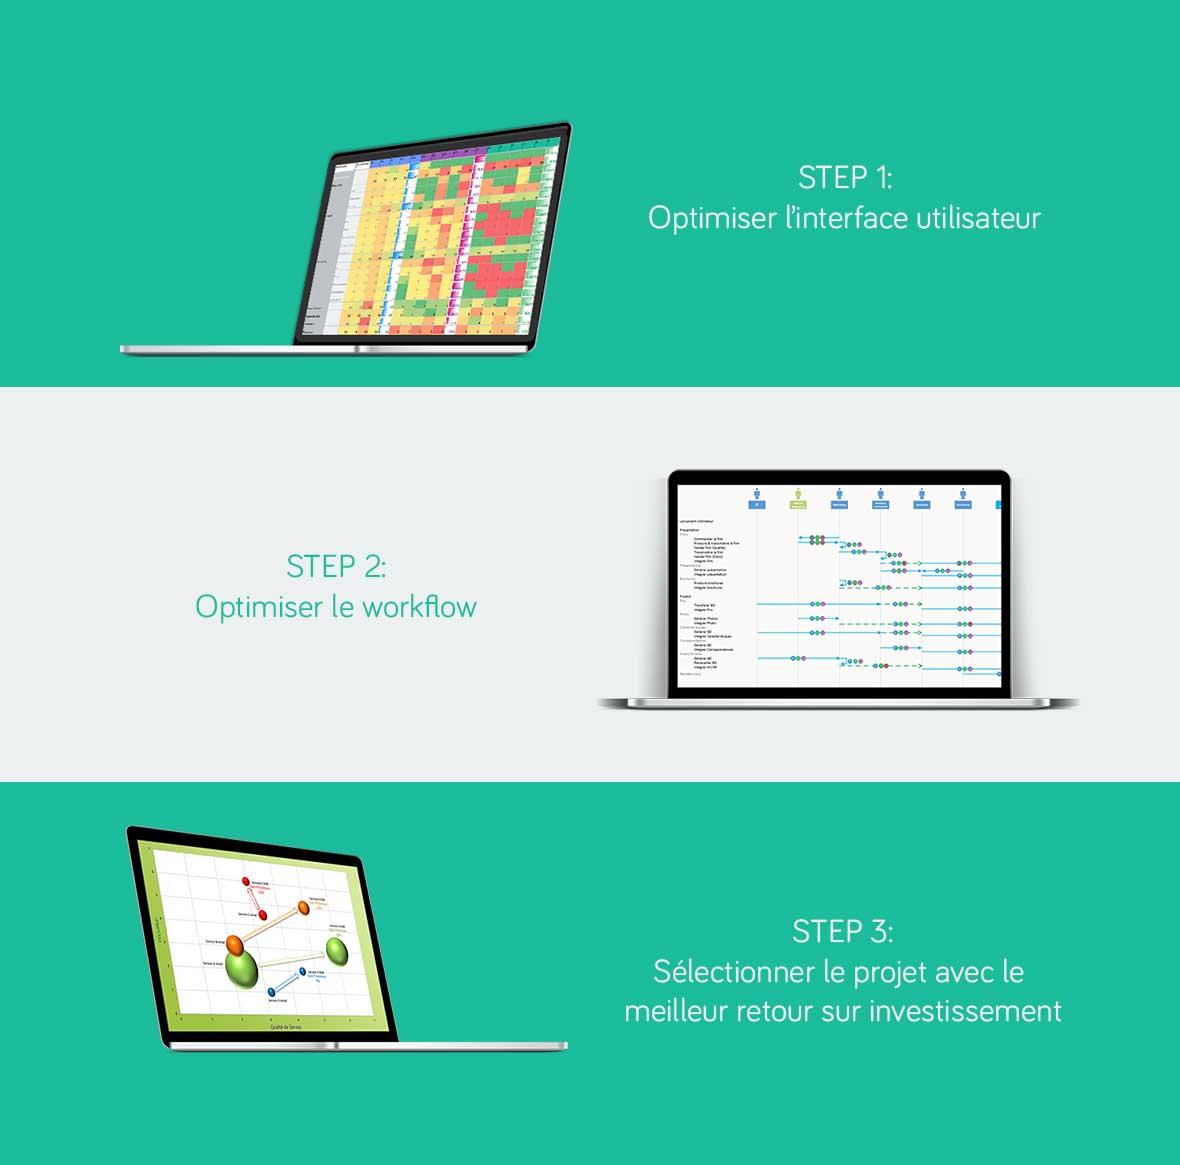 Plus d'information sur le fonctionnement: Votre succès digitale en 3 étapes: optimiser votre interface client (Heatmapping),  votre workflows (Heatmapping) et consulter finalement une Gap Analysis innovative (Bubble Chart) fondée sur les principes du Business Process Management, du Value Stream Mapping et du Lean Management.